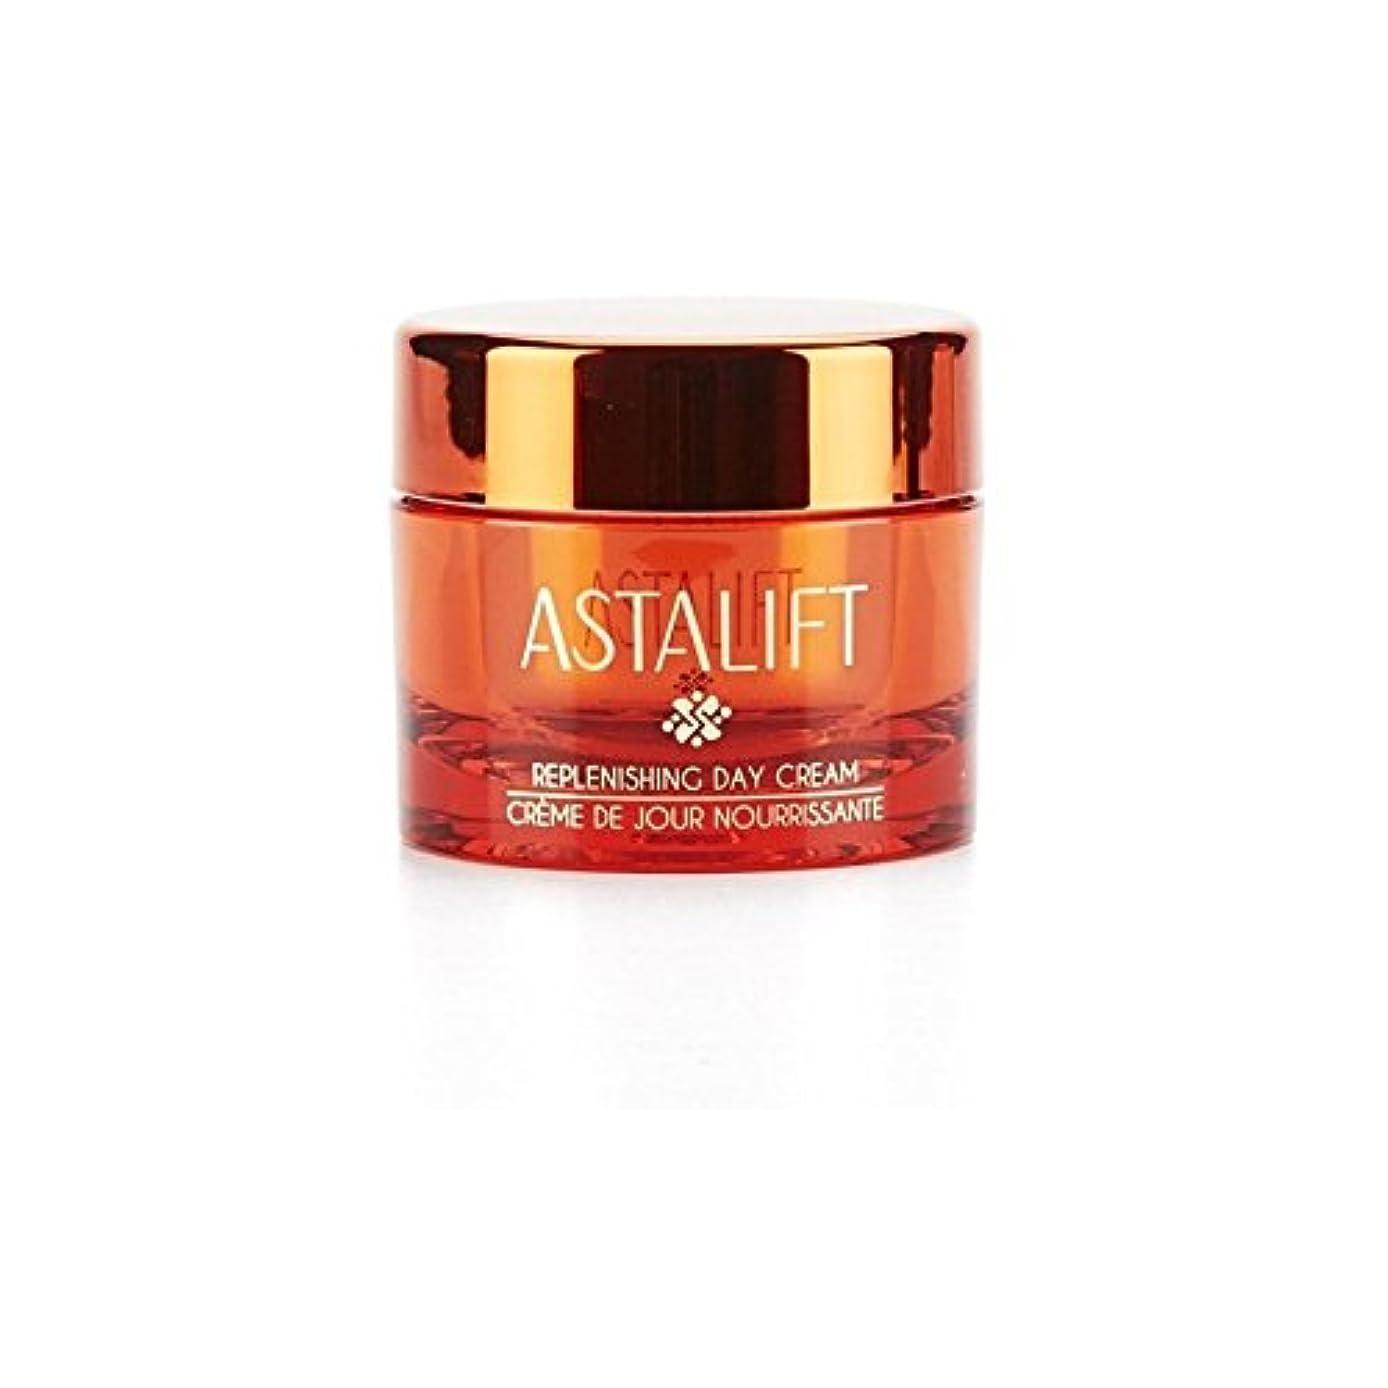 作家覆すフィールドアスタリフト補充デイクリーム(30グラム) x4 - Astalift Replenishing Day Cream (30G) (Pack of 4) [並行輸入品]